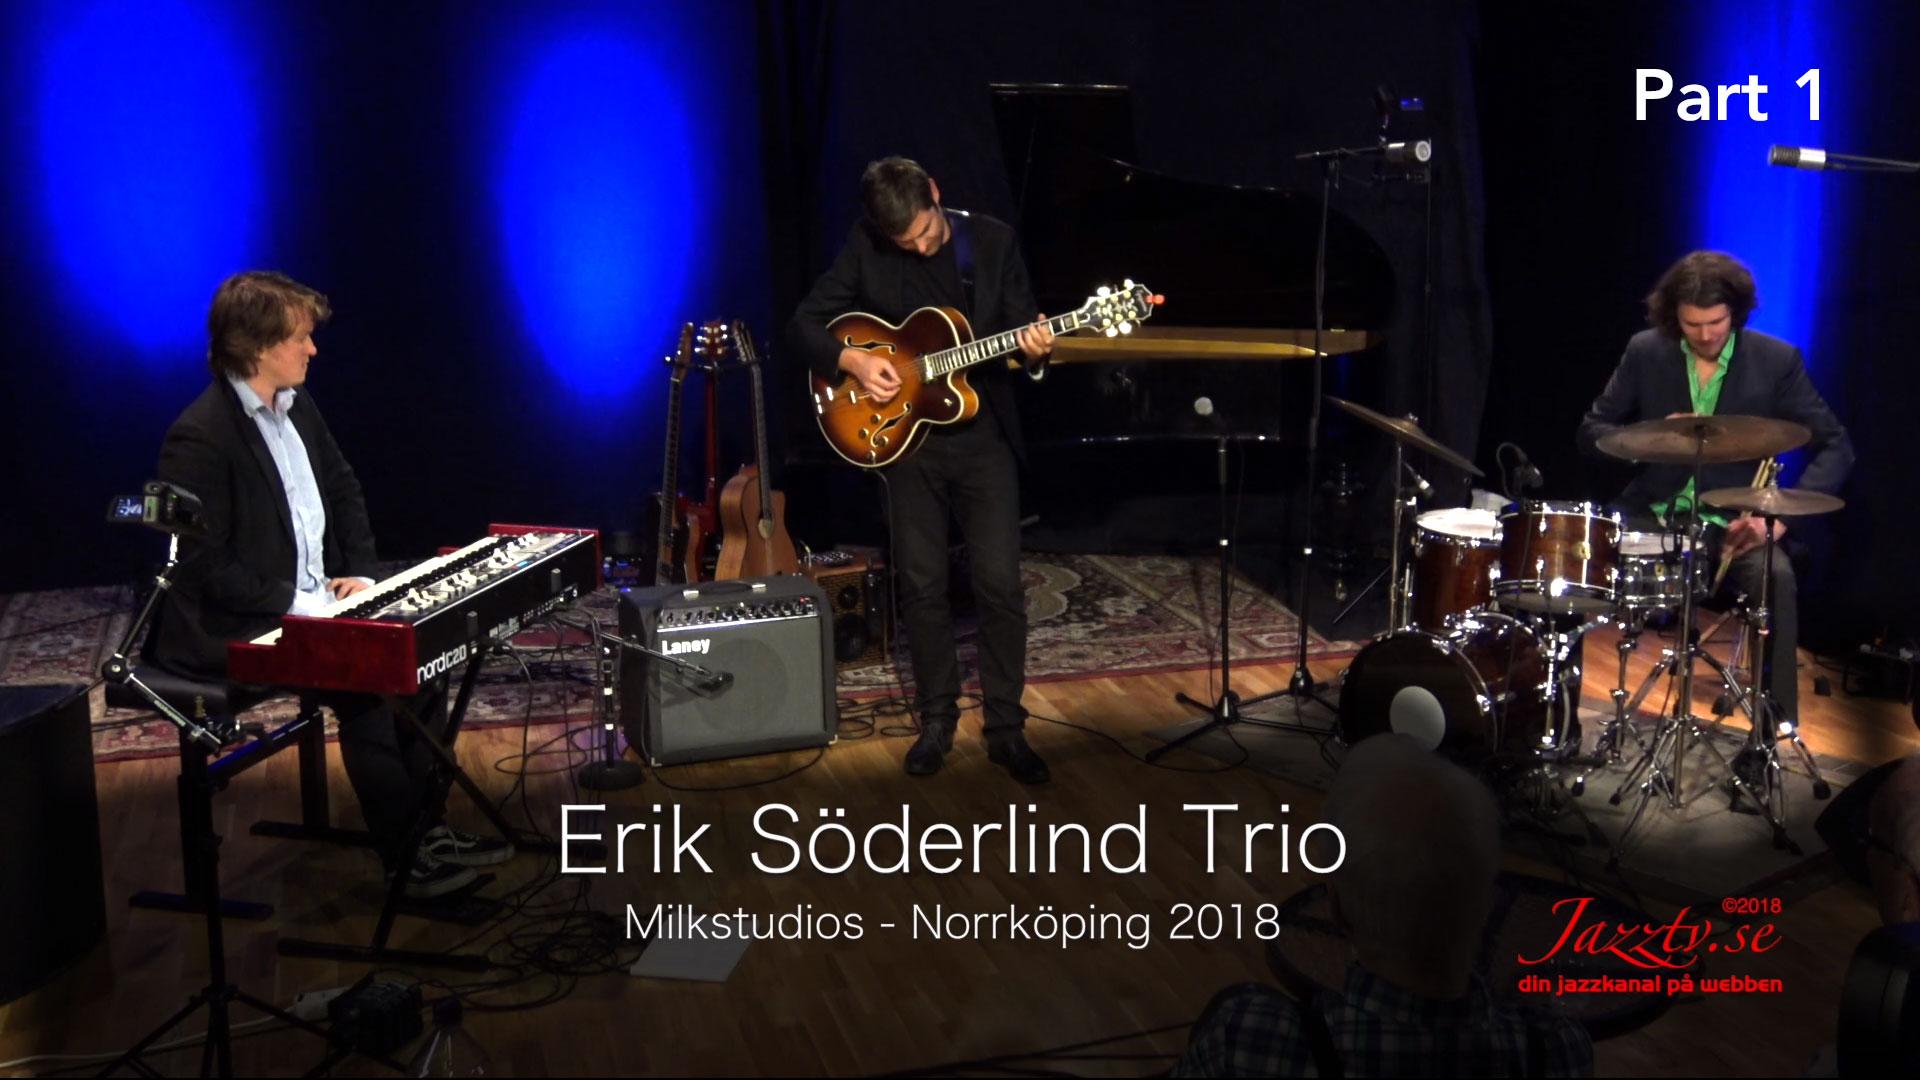 Erik Söderlind Trio